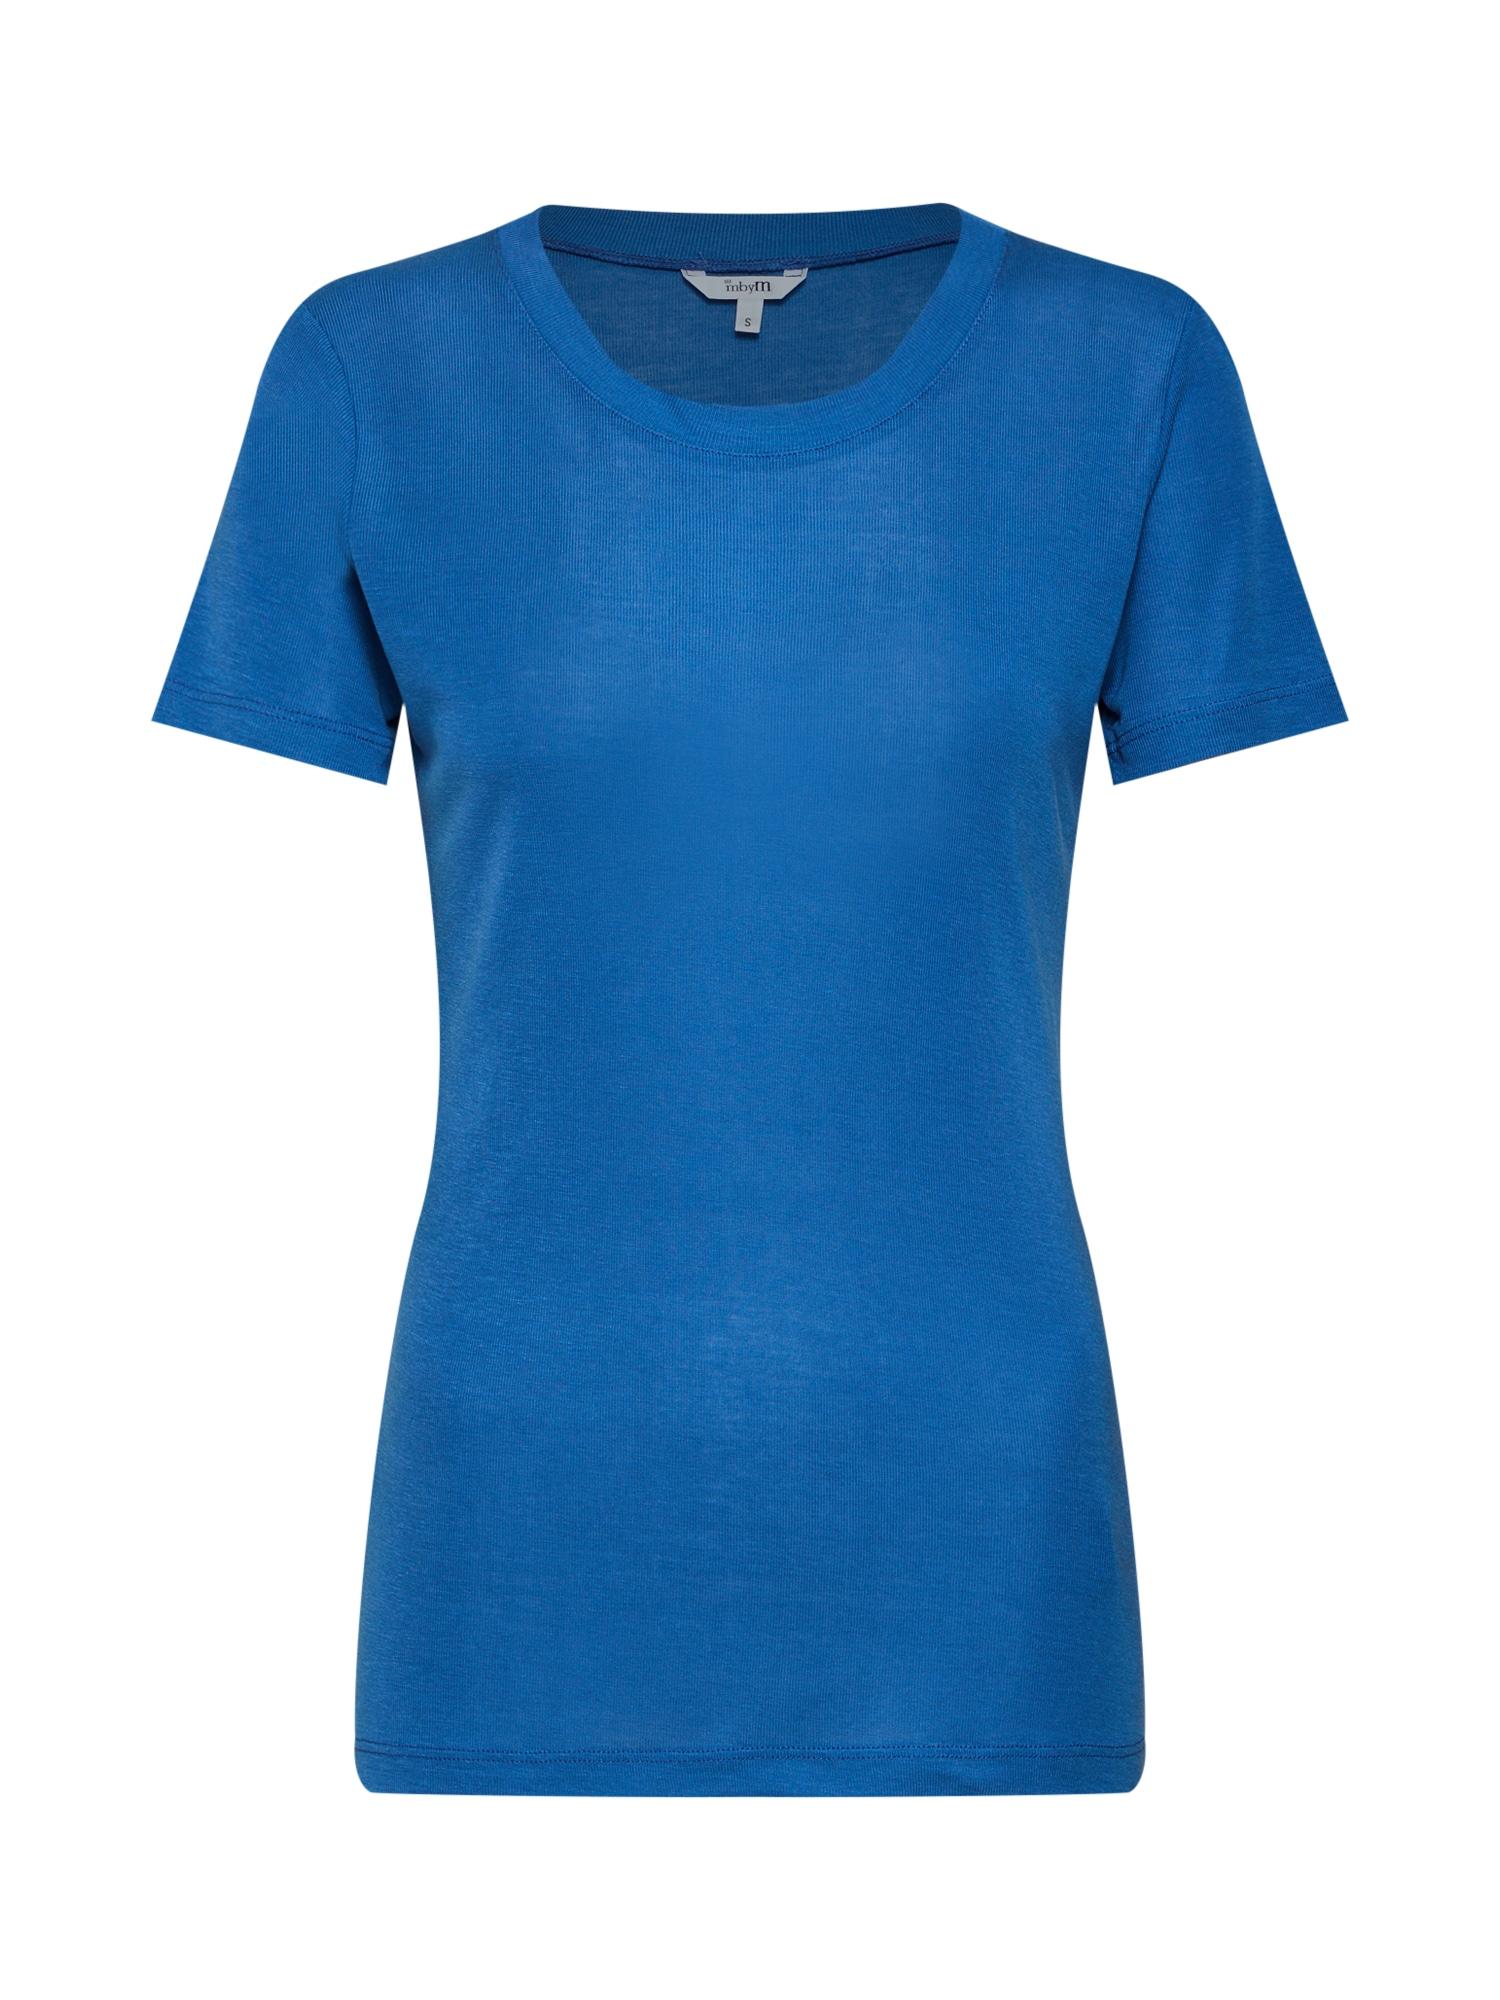 Tričko Samira modrá Mbym